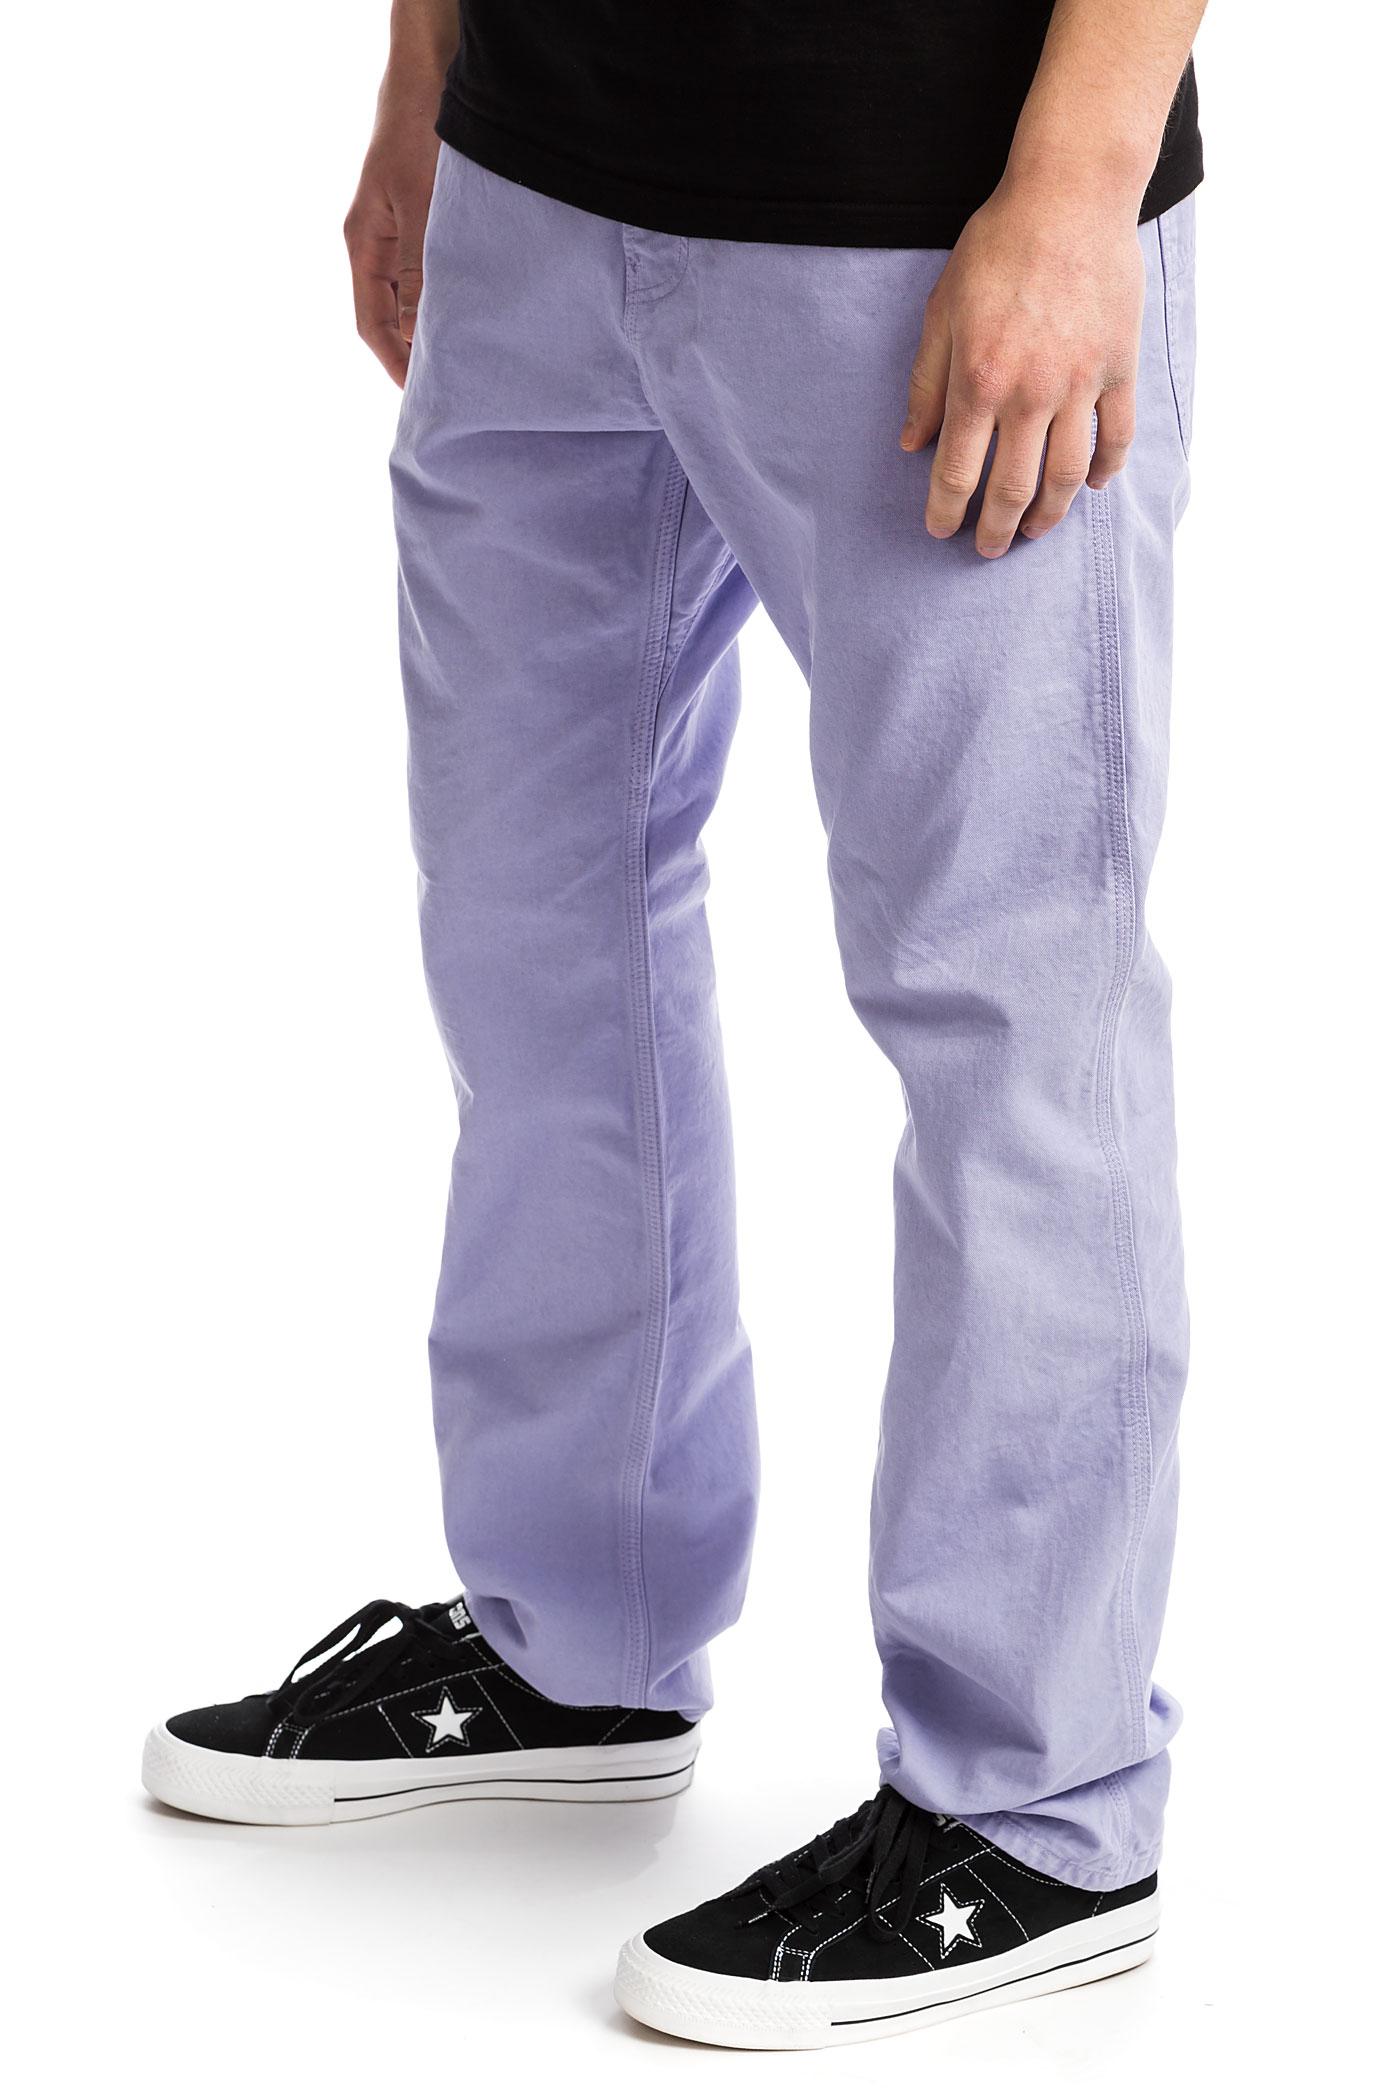 Chalk Carhartt Wip Pantalonssoft Pant Lavender Newcomb TKcJlF1